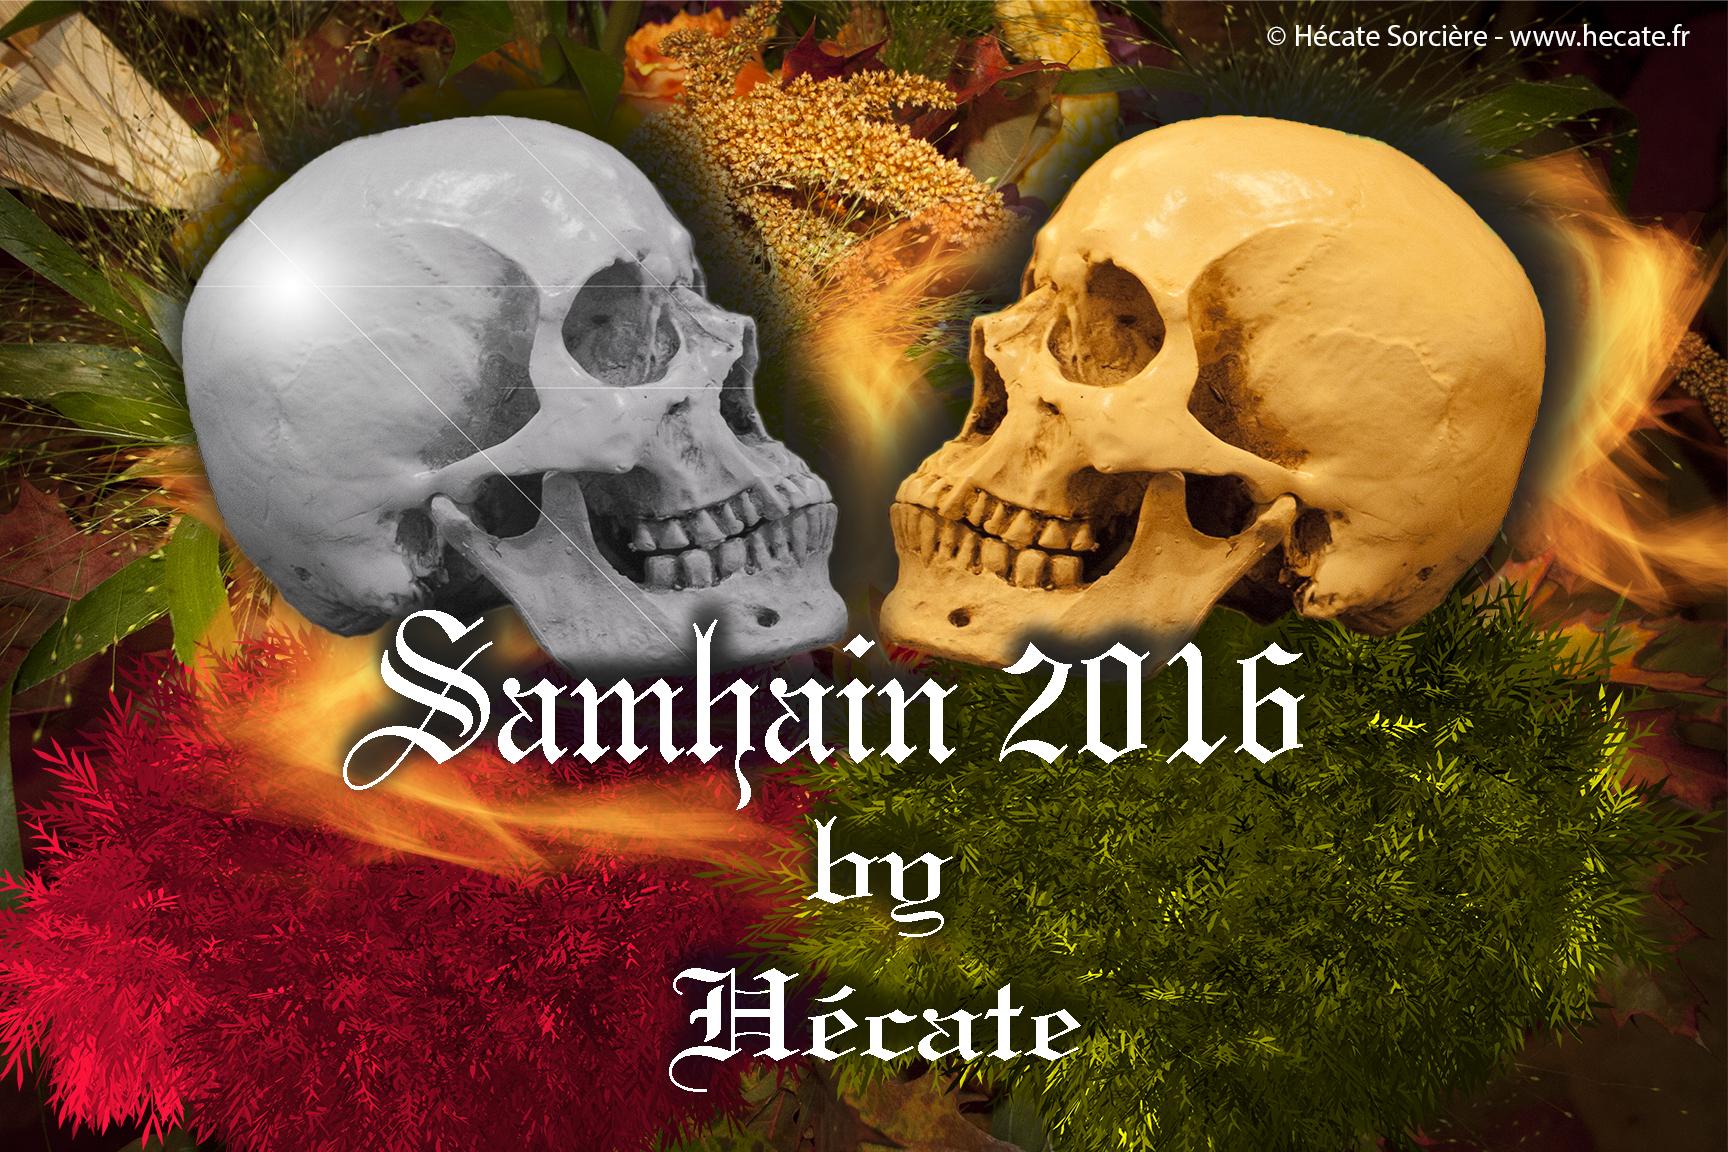 Bonne célébration de Samhain